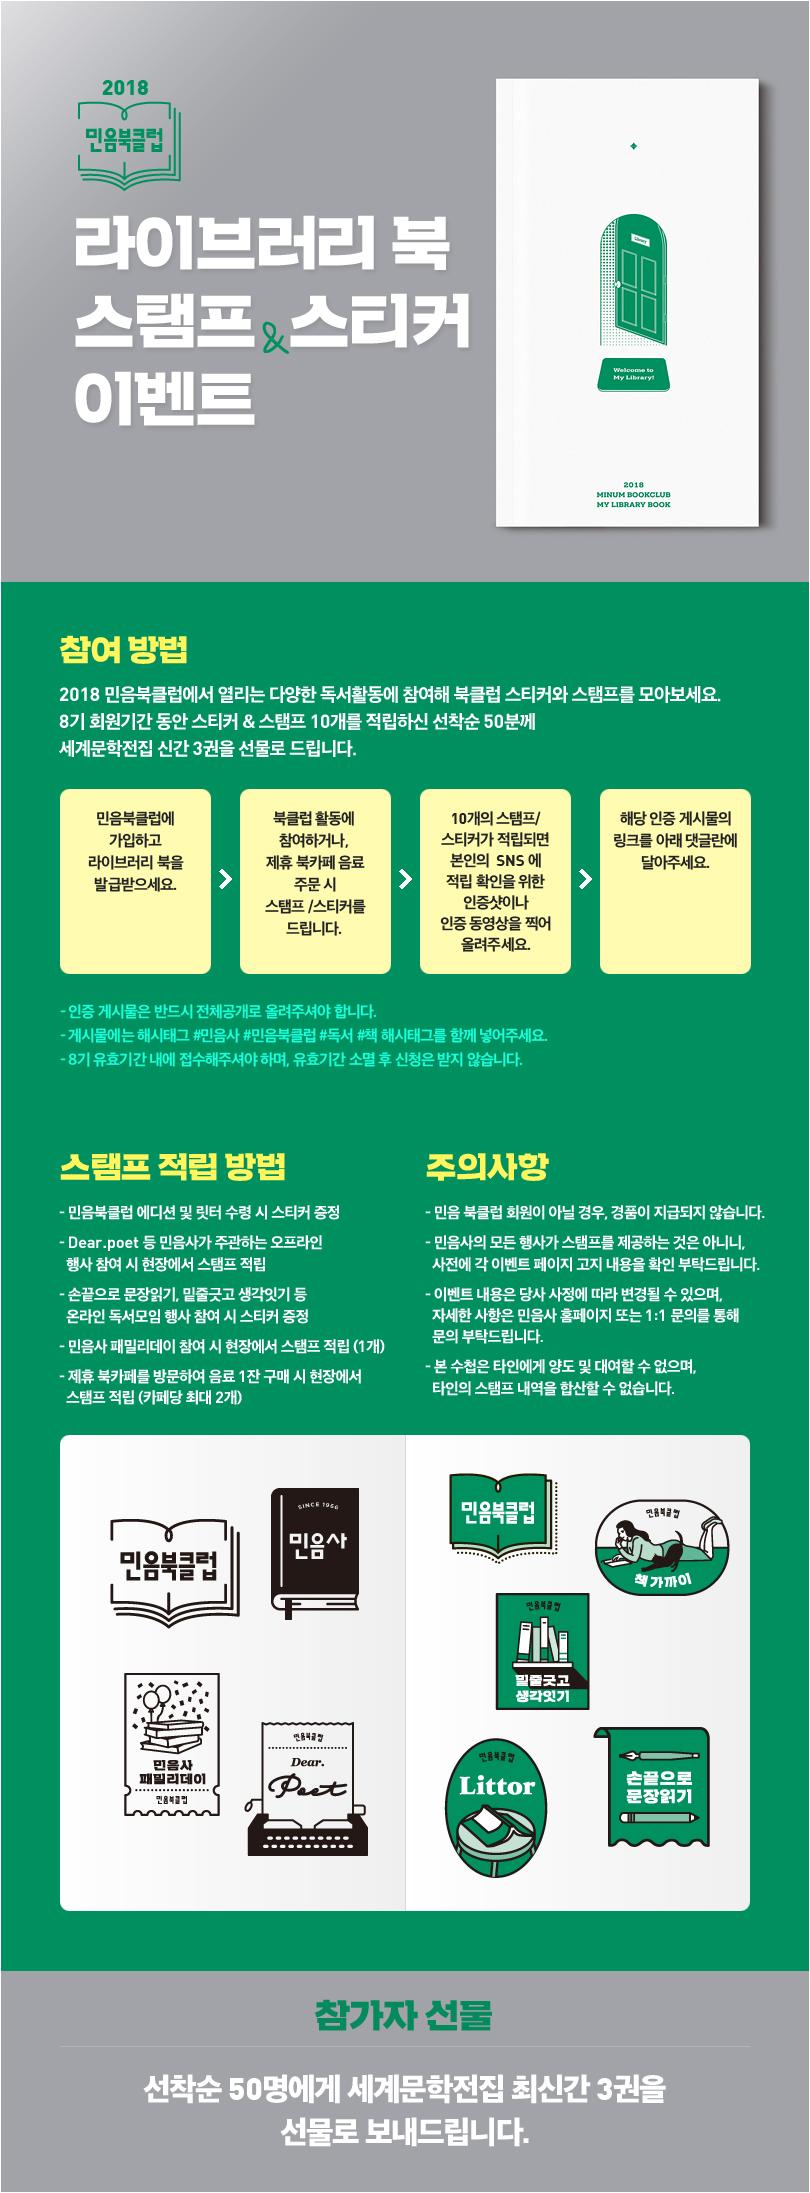 민음사_라이브러리북_이벤트_01 (1)